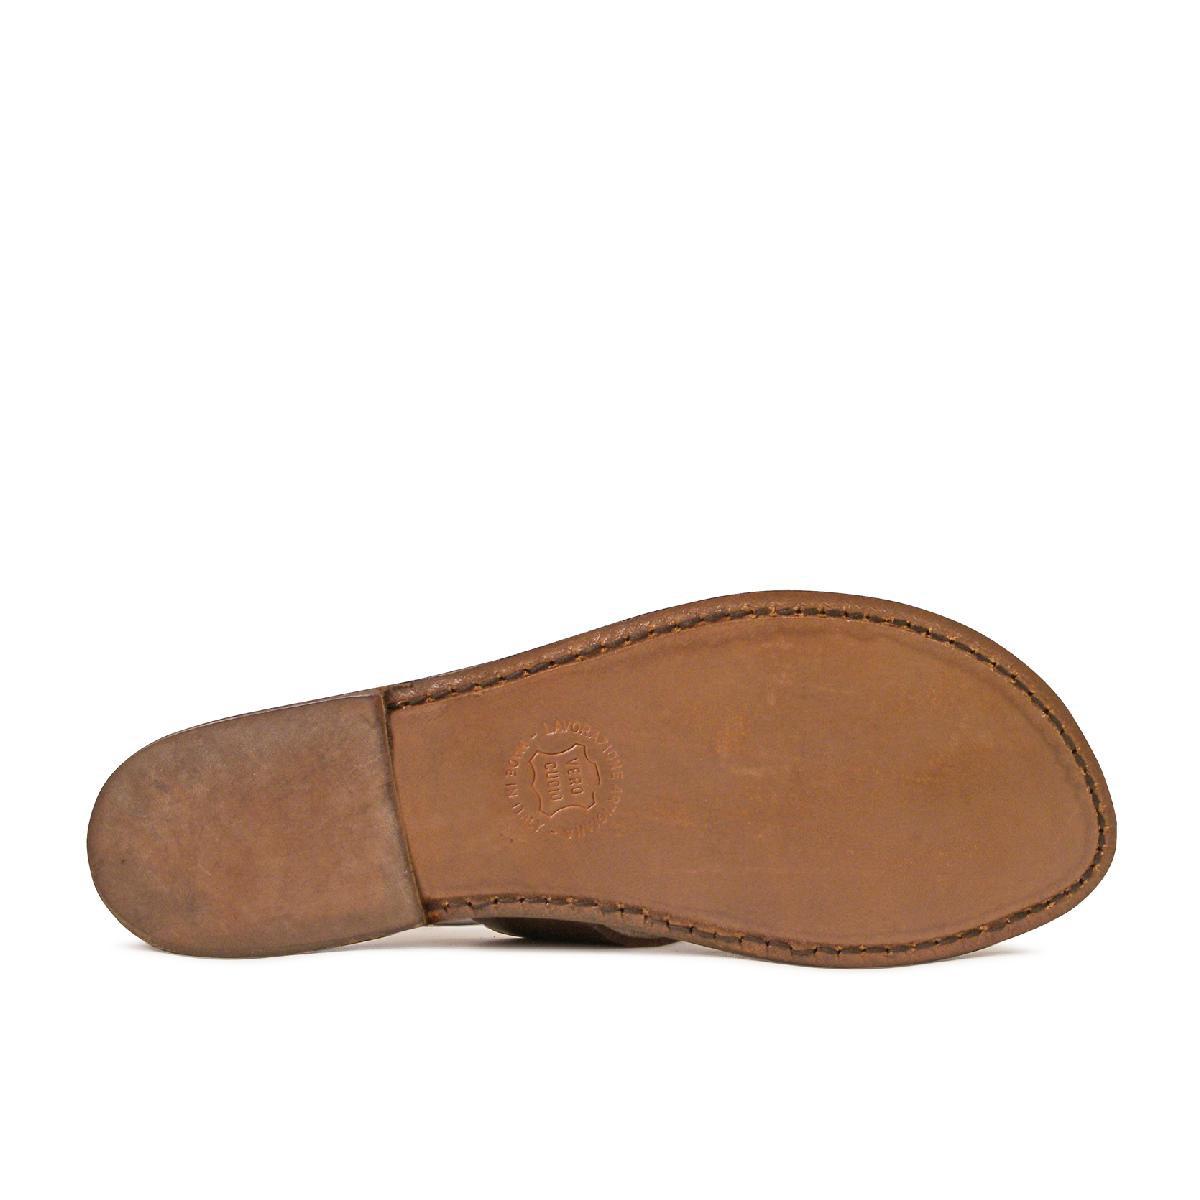 damen riemchen sandalen aus ockerfarbenem leder in italien von hand gefertigt gianluca das. Black Bedroom Furniture Sets. Home Design Ideas